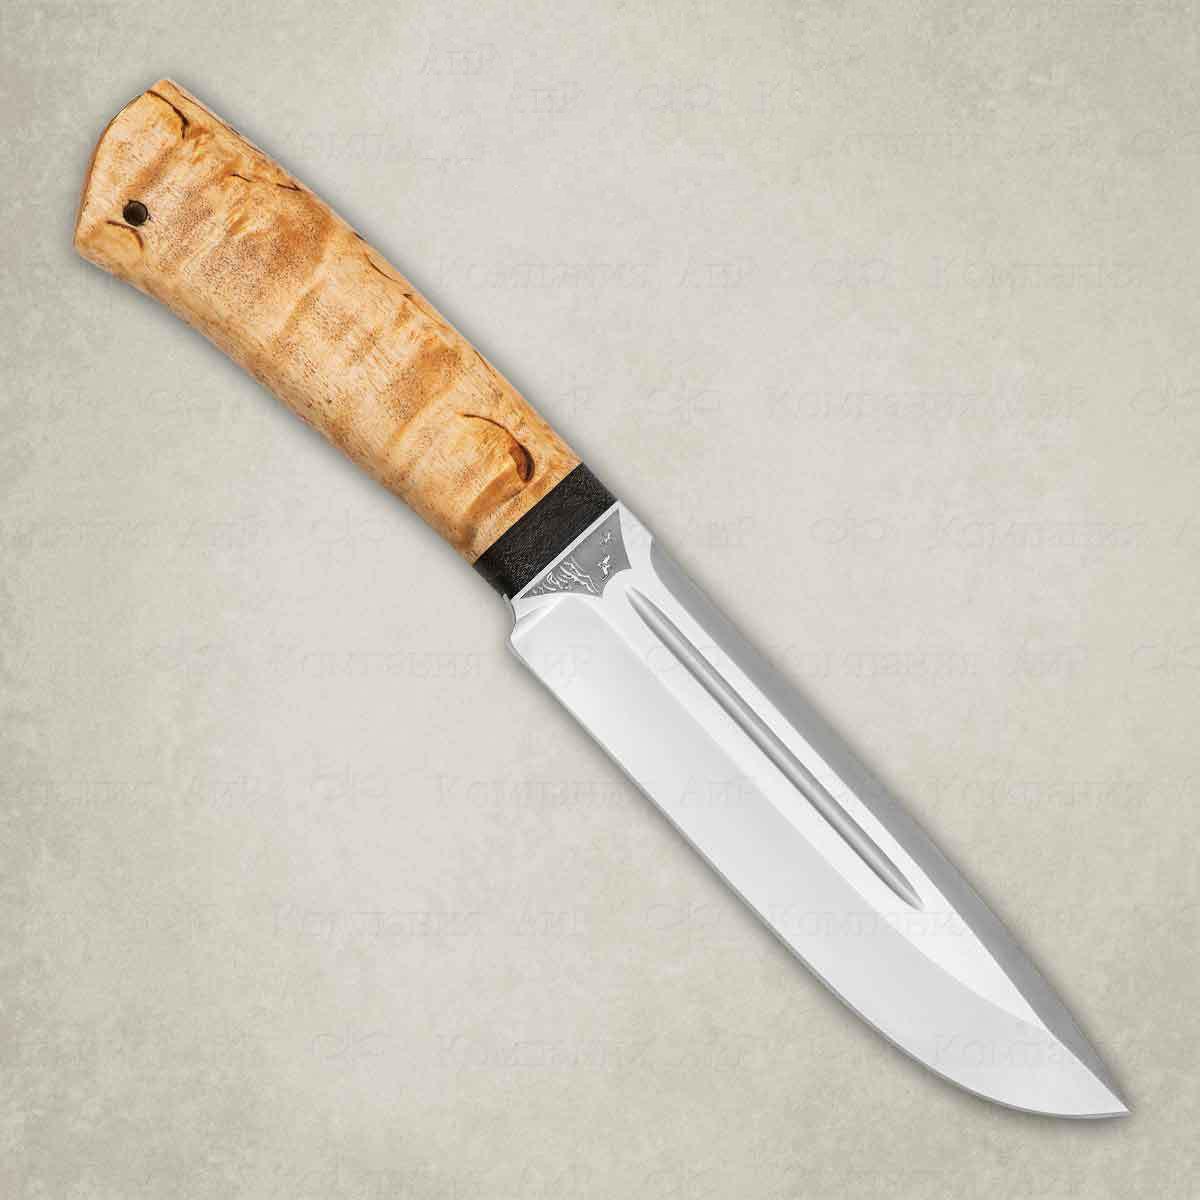 Фото - Нож разделочный АиР Селигер, сталь ЭП-766, рукоять карельская береза нож разделочный аир финка 3 сталь эп 766 рукоять карельская береза